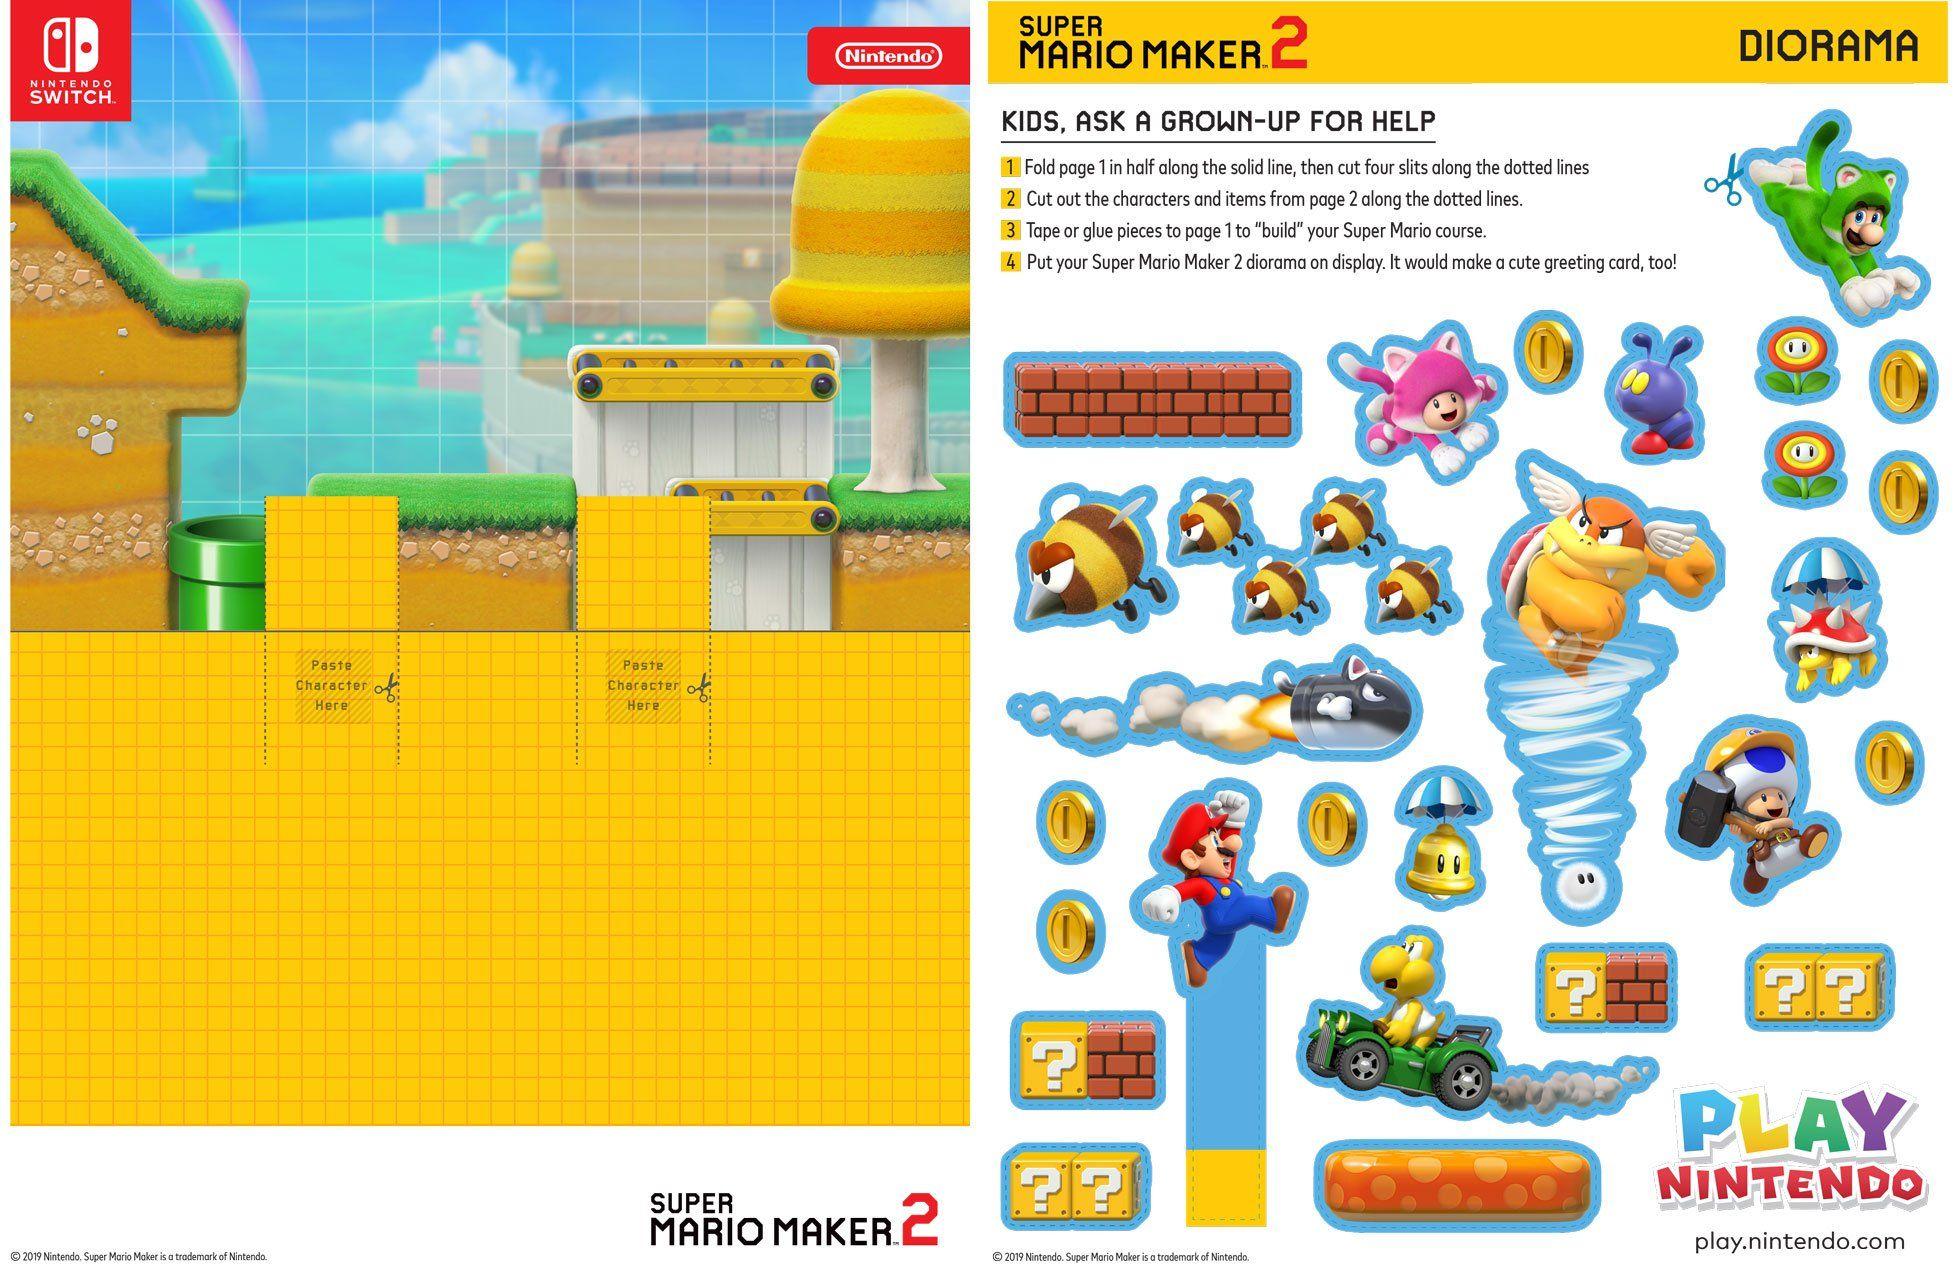 Diorama Imprimible De Super Mario Maker 2 Juega A Nintendo In 2020 Super Mario Coloring Pages Super Mario Mario